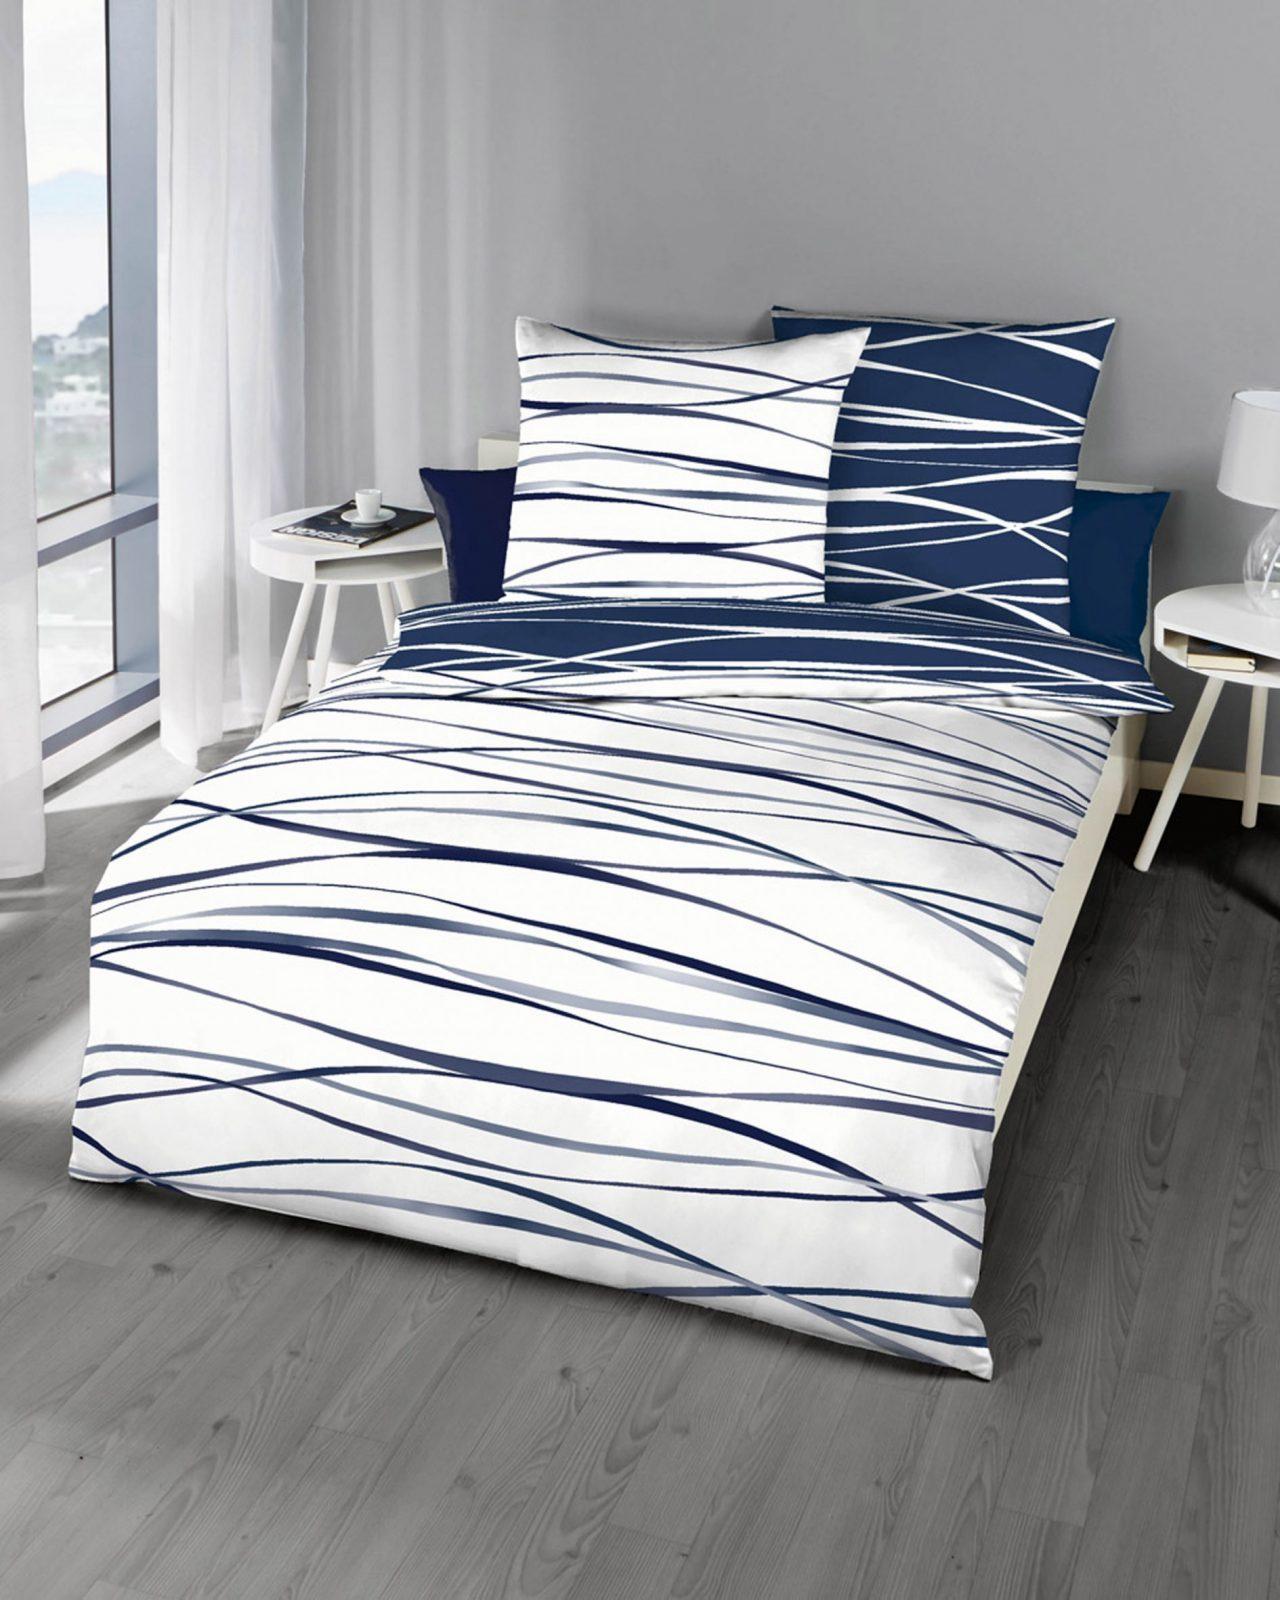 Mako Satin Bettwäsche Marine Blau Mit Streifen Design Günstig Kaufen von Bettwäsche 200X200 Mako Satin Günstig Photo